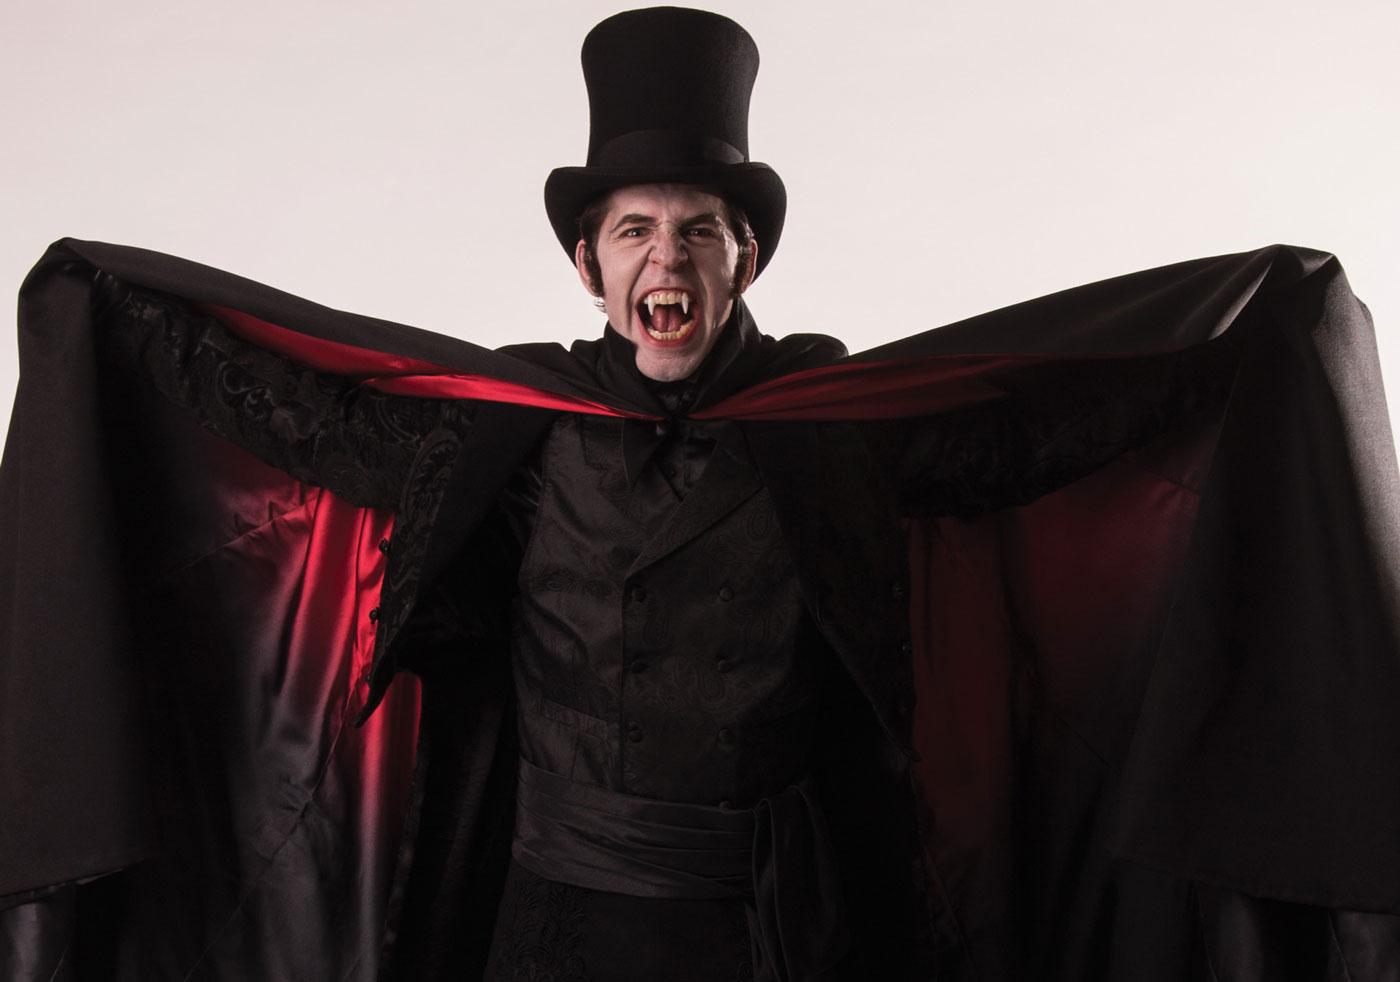 Tyler Pierce as Dracula